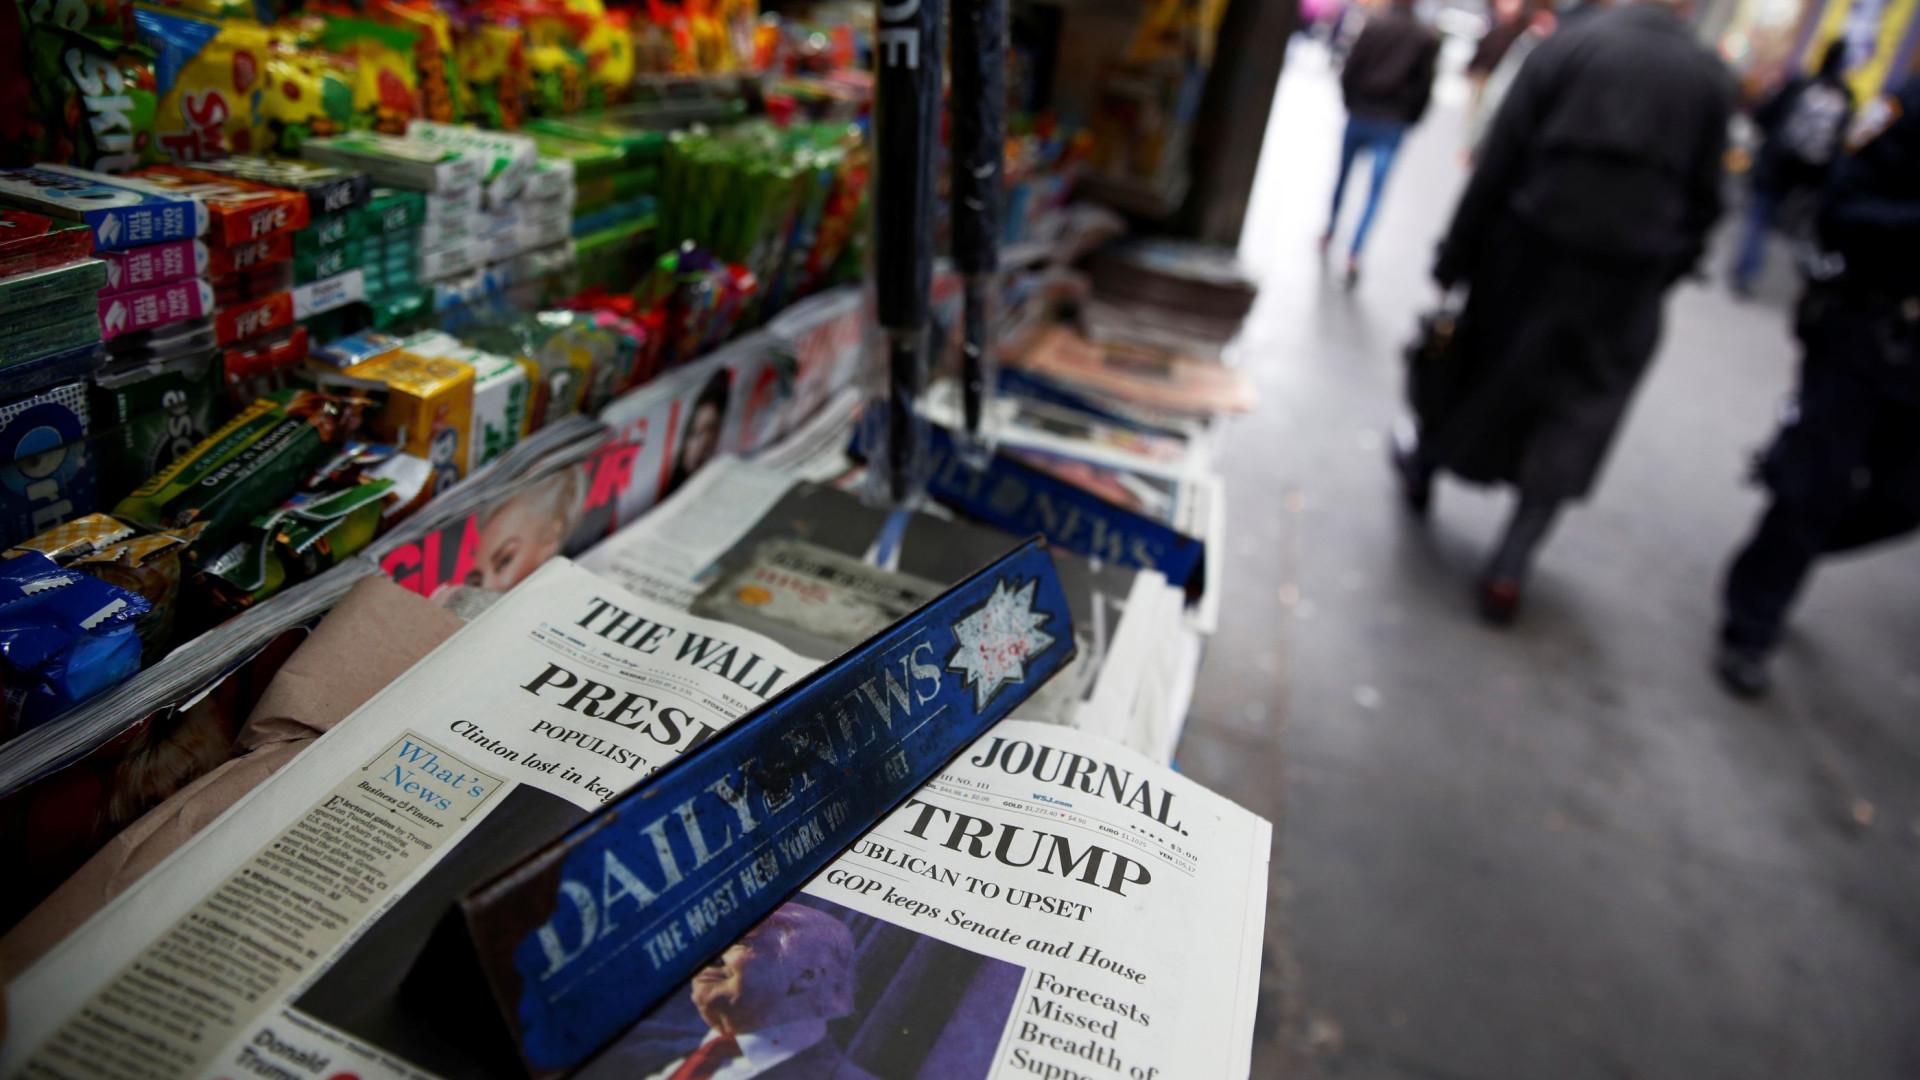 Chega ao fim publicação norte-americana do The Village Voice